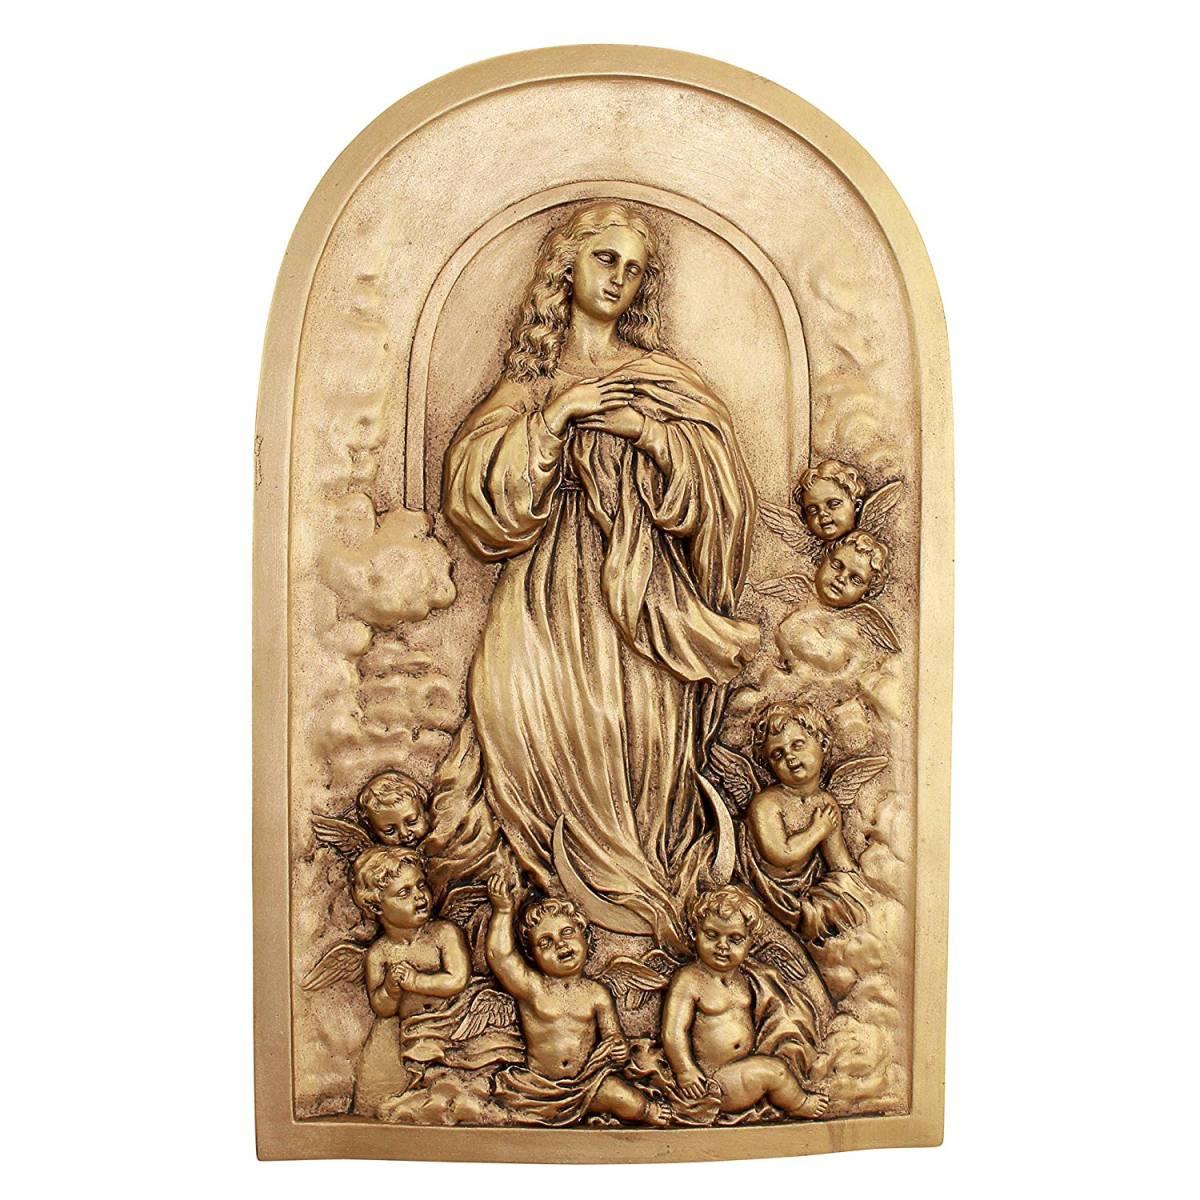 マグダラのマリア 天国への昇天 壁彫刻 彫像/ The Assumption of Mary Magdalene Wall Sculpture(輸入品